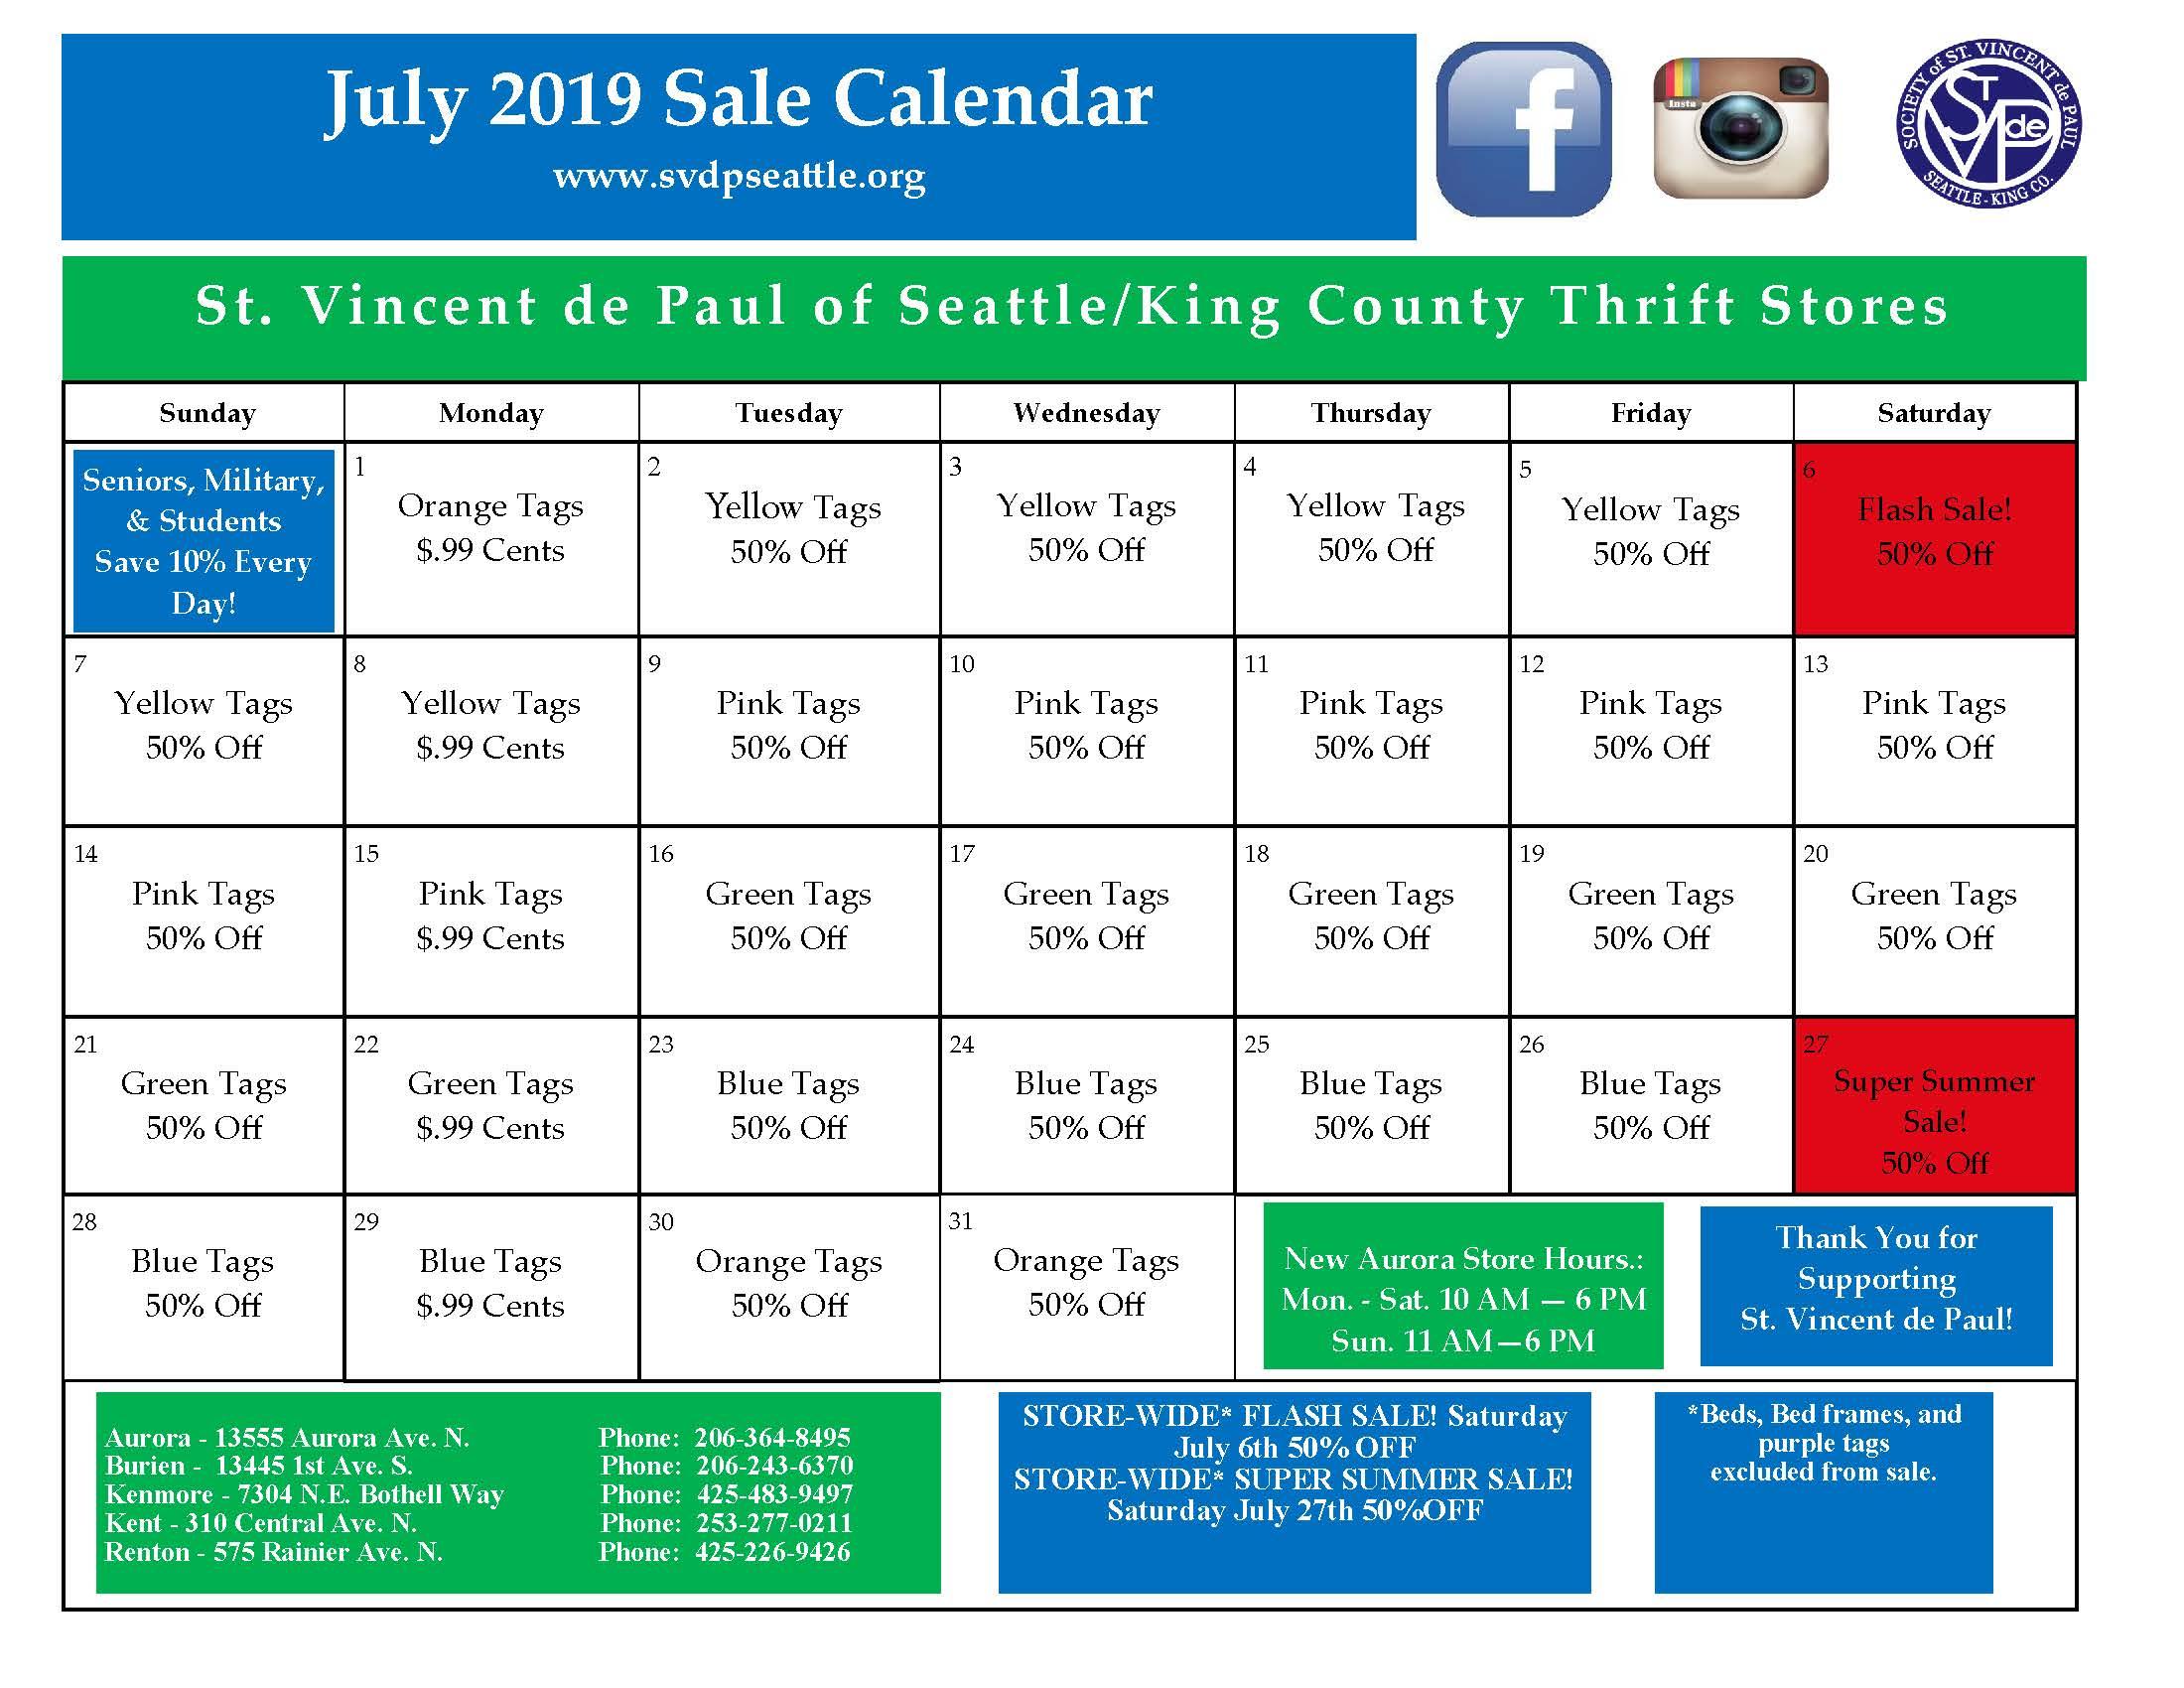 July 2019 Calendar 6-21-19 8-30AM Final JPEG